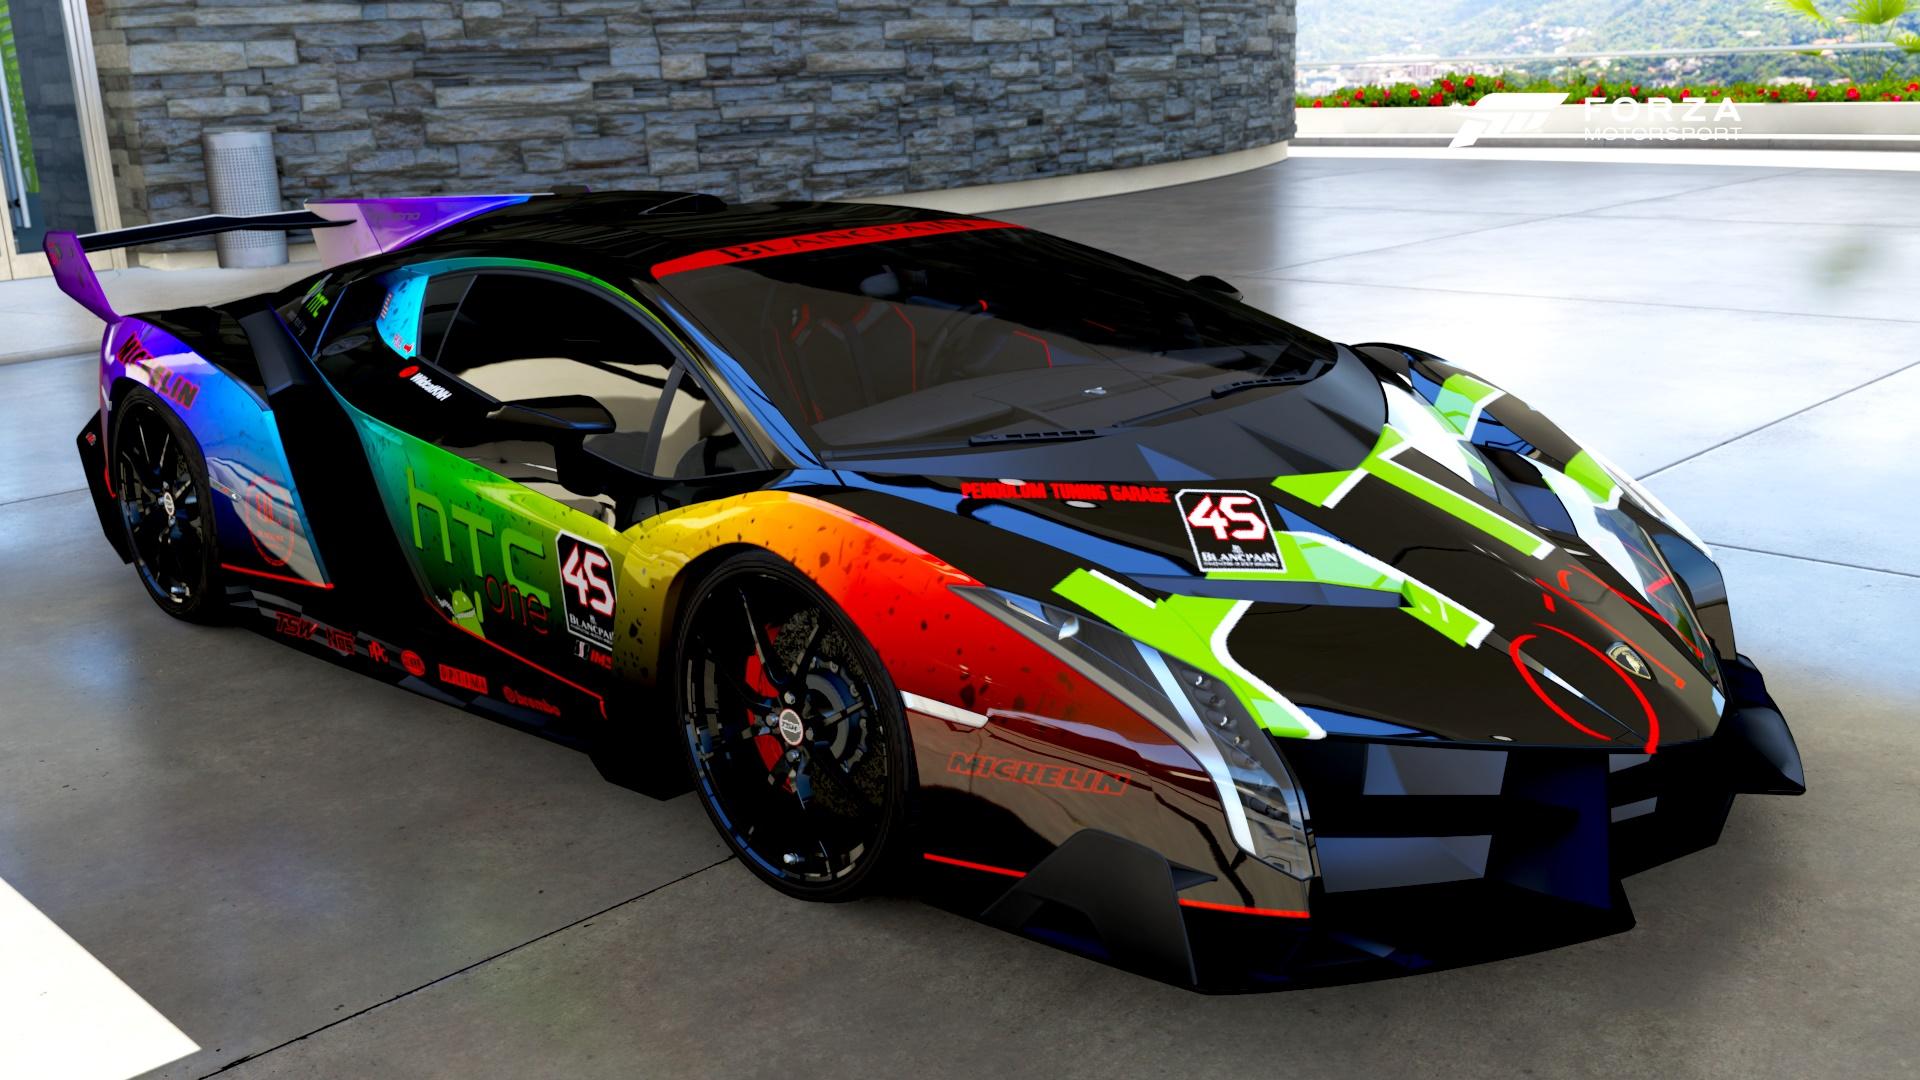 Bugatti Veyron Super Sport Hd Wallpaper Lamborghini Veneno Quot The Storefront Quot